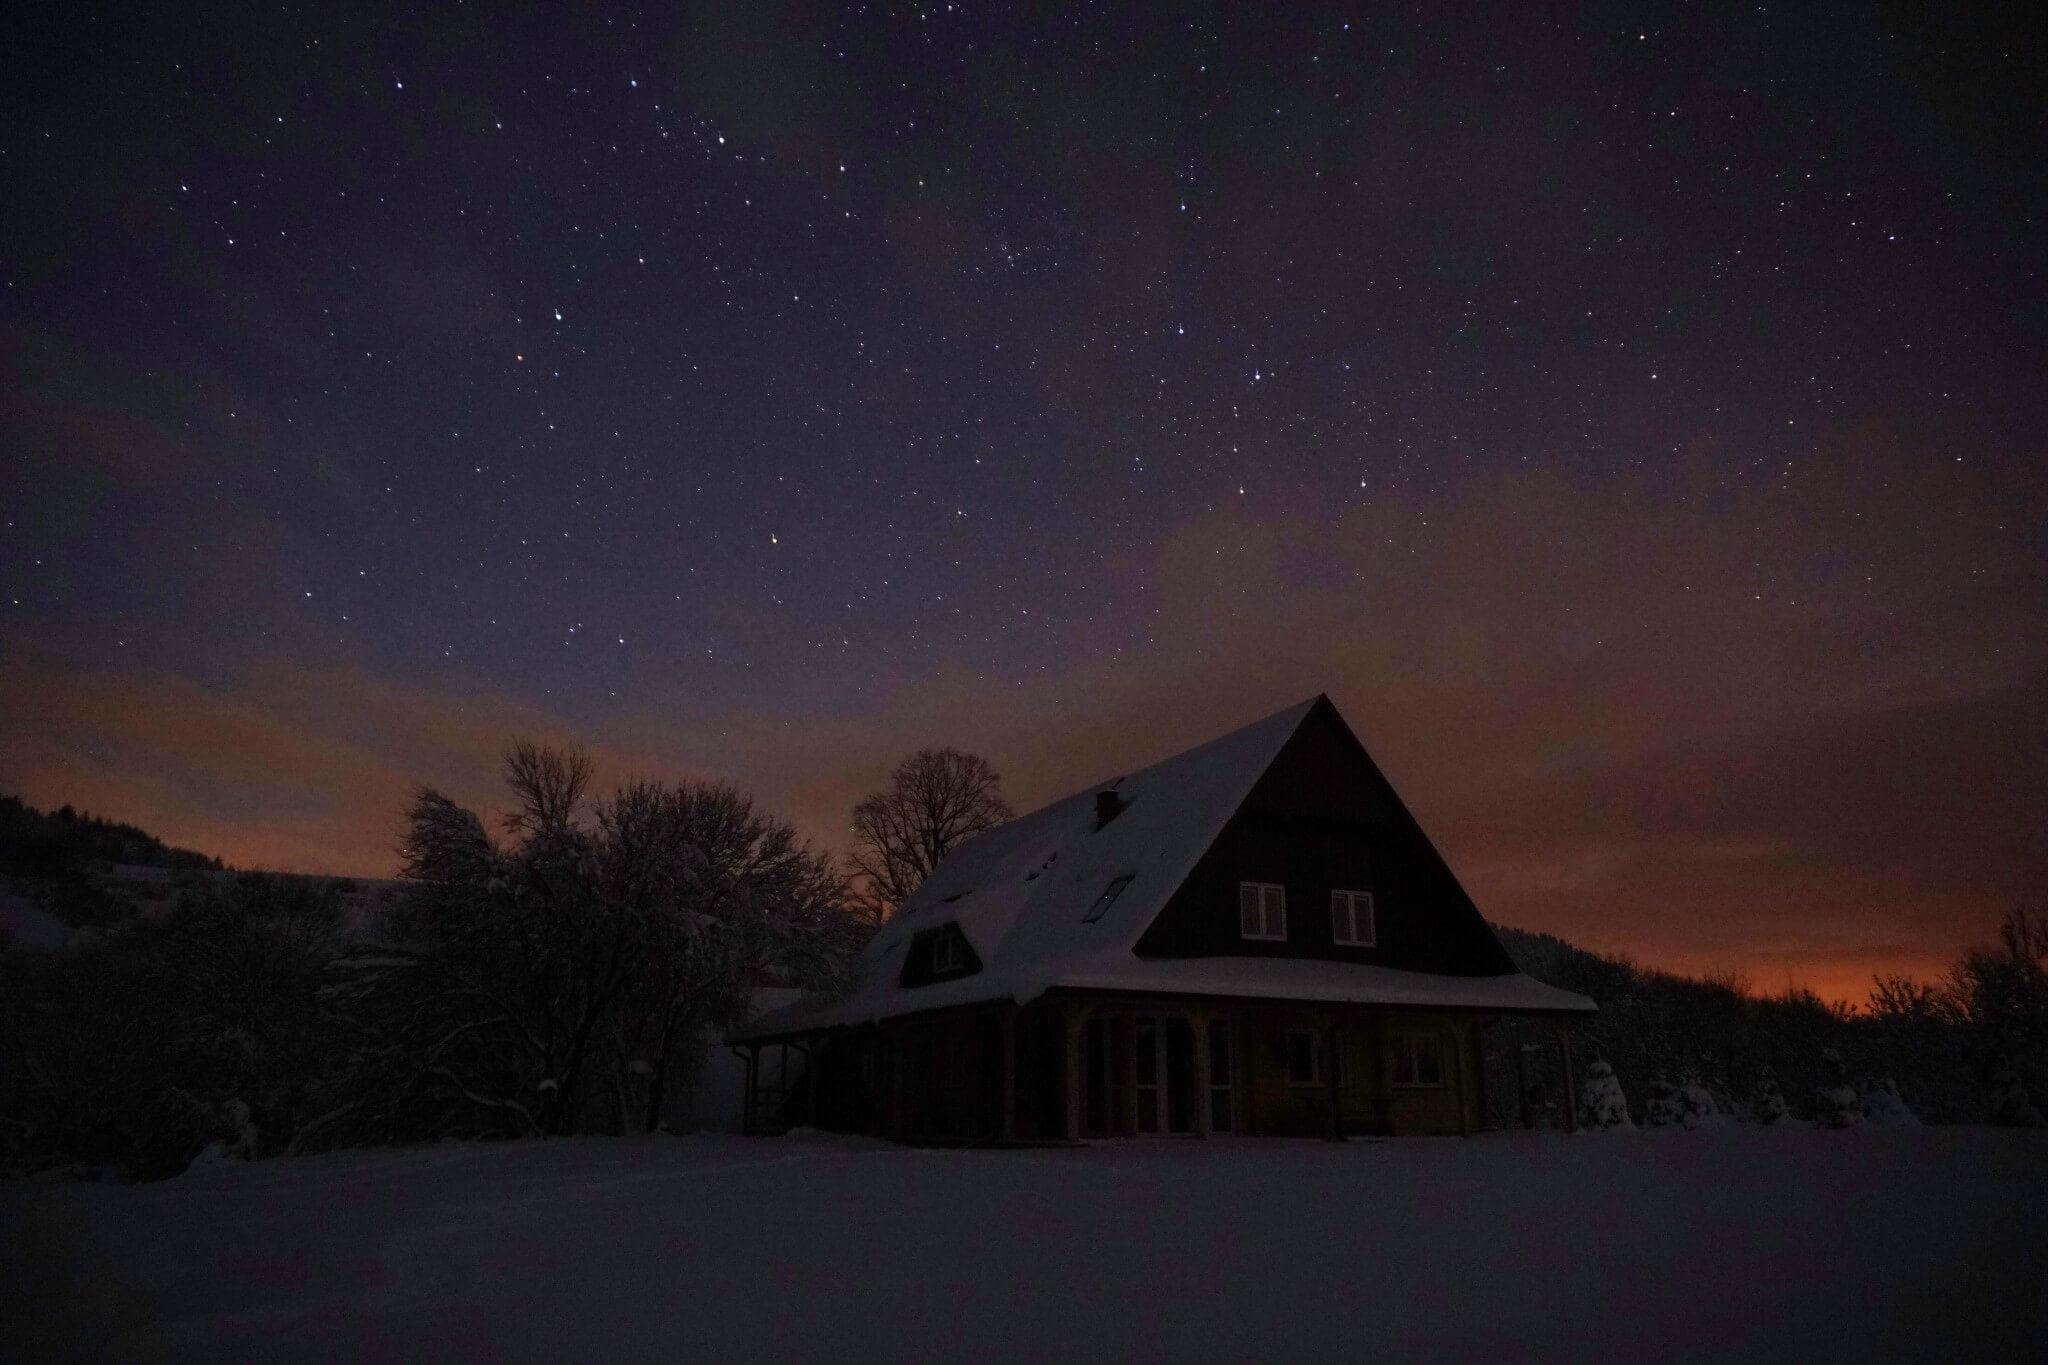 Nocne, zimowe niebo w fotografii Adama 4